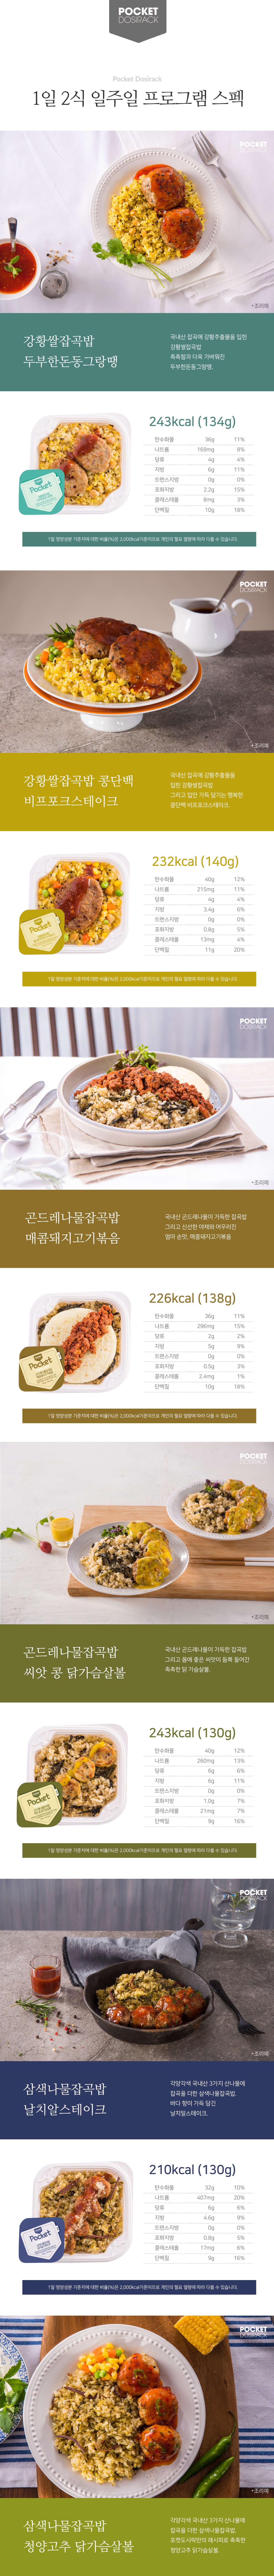 쓰리케어 포켓도시락 1일 2식(일주일식단)(12종 14팩) - 쓰리케어, 39,900원, 보조식품, 다이어트식품